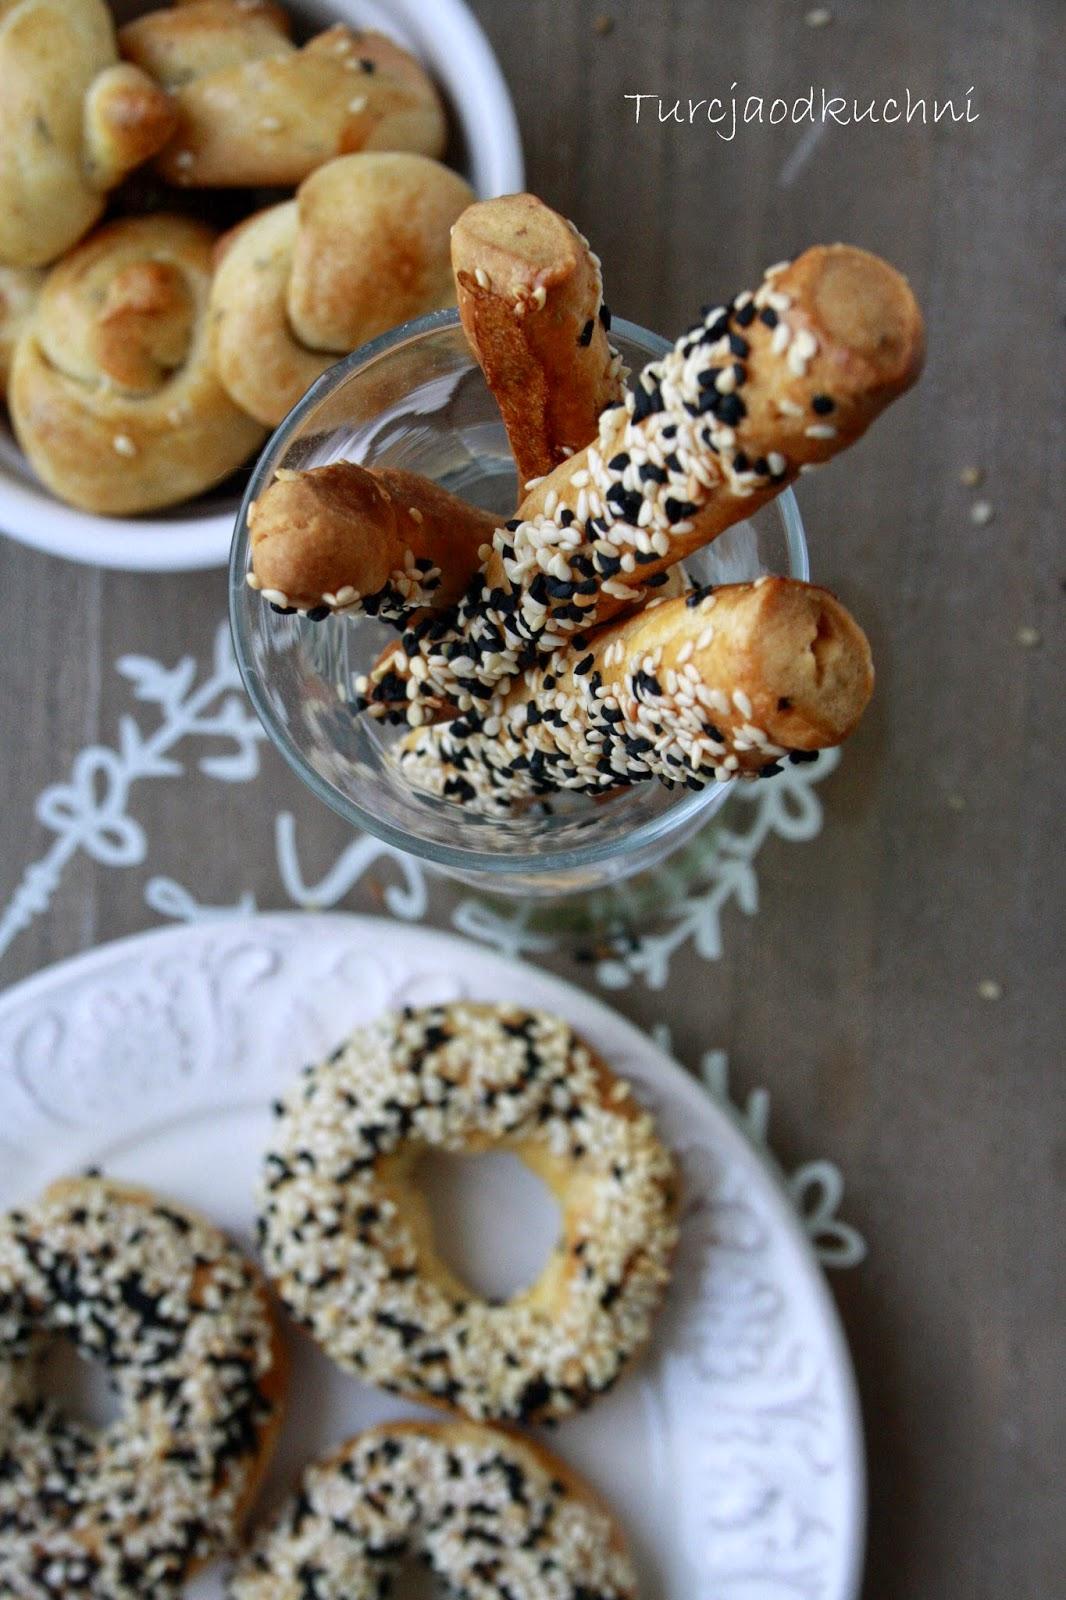 Zdjęcie: Turcjaodkuchni.blogspot.com